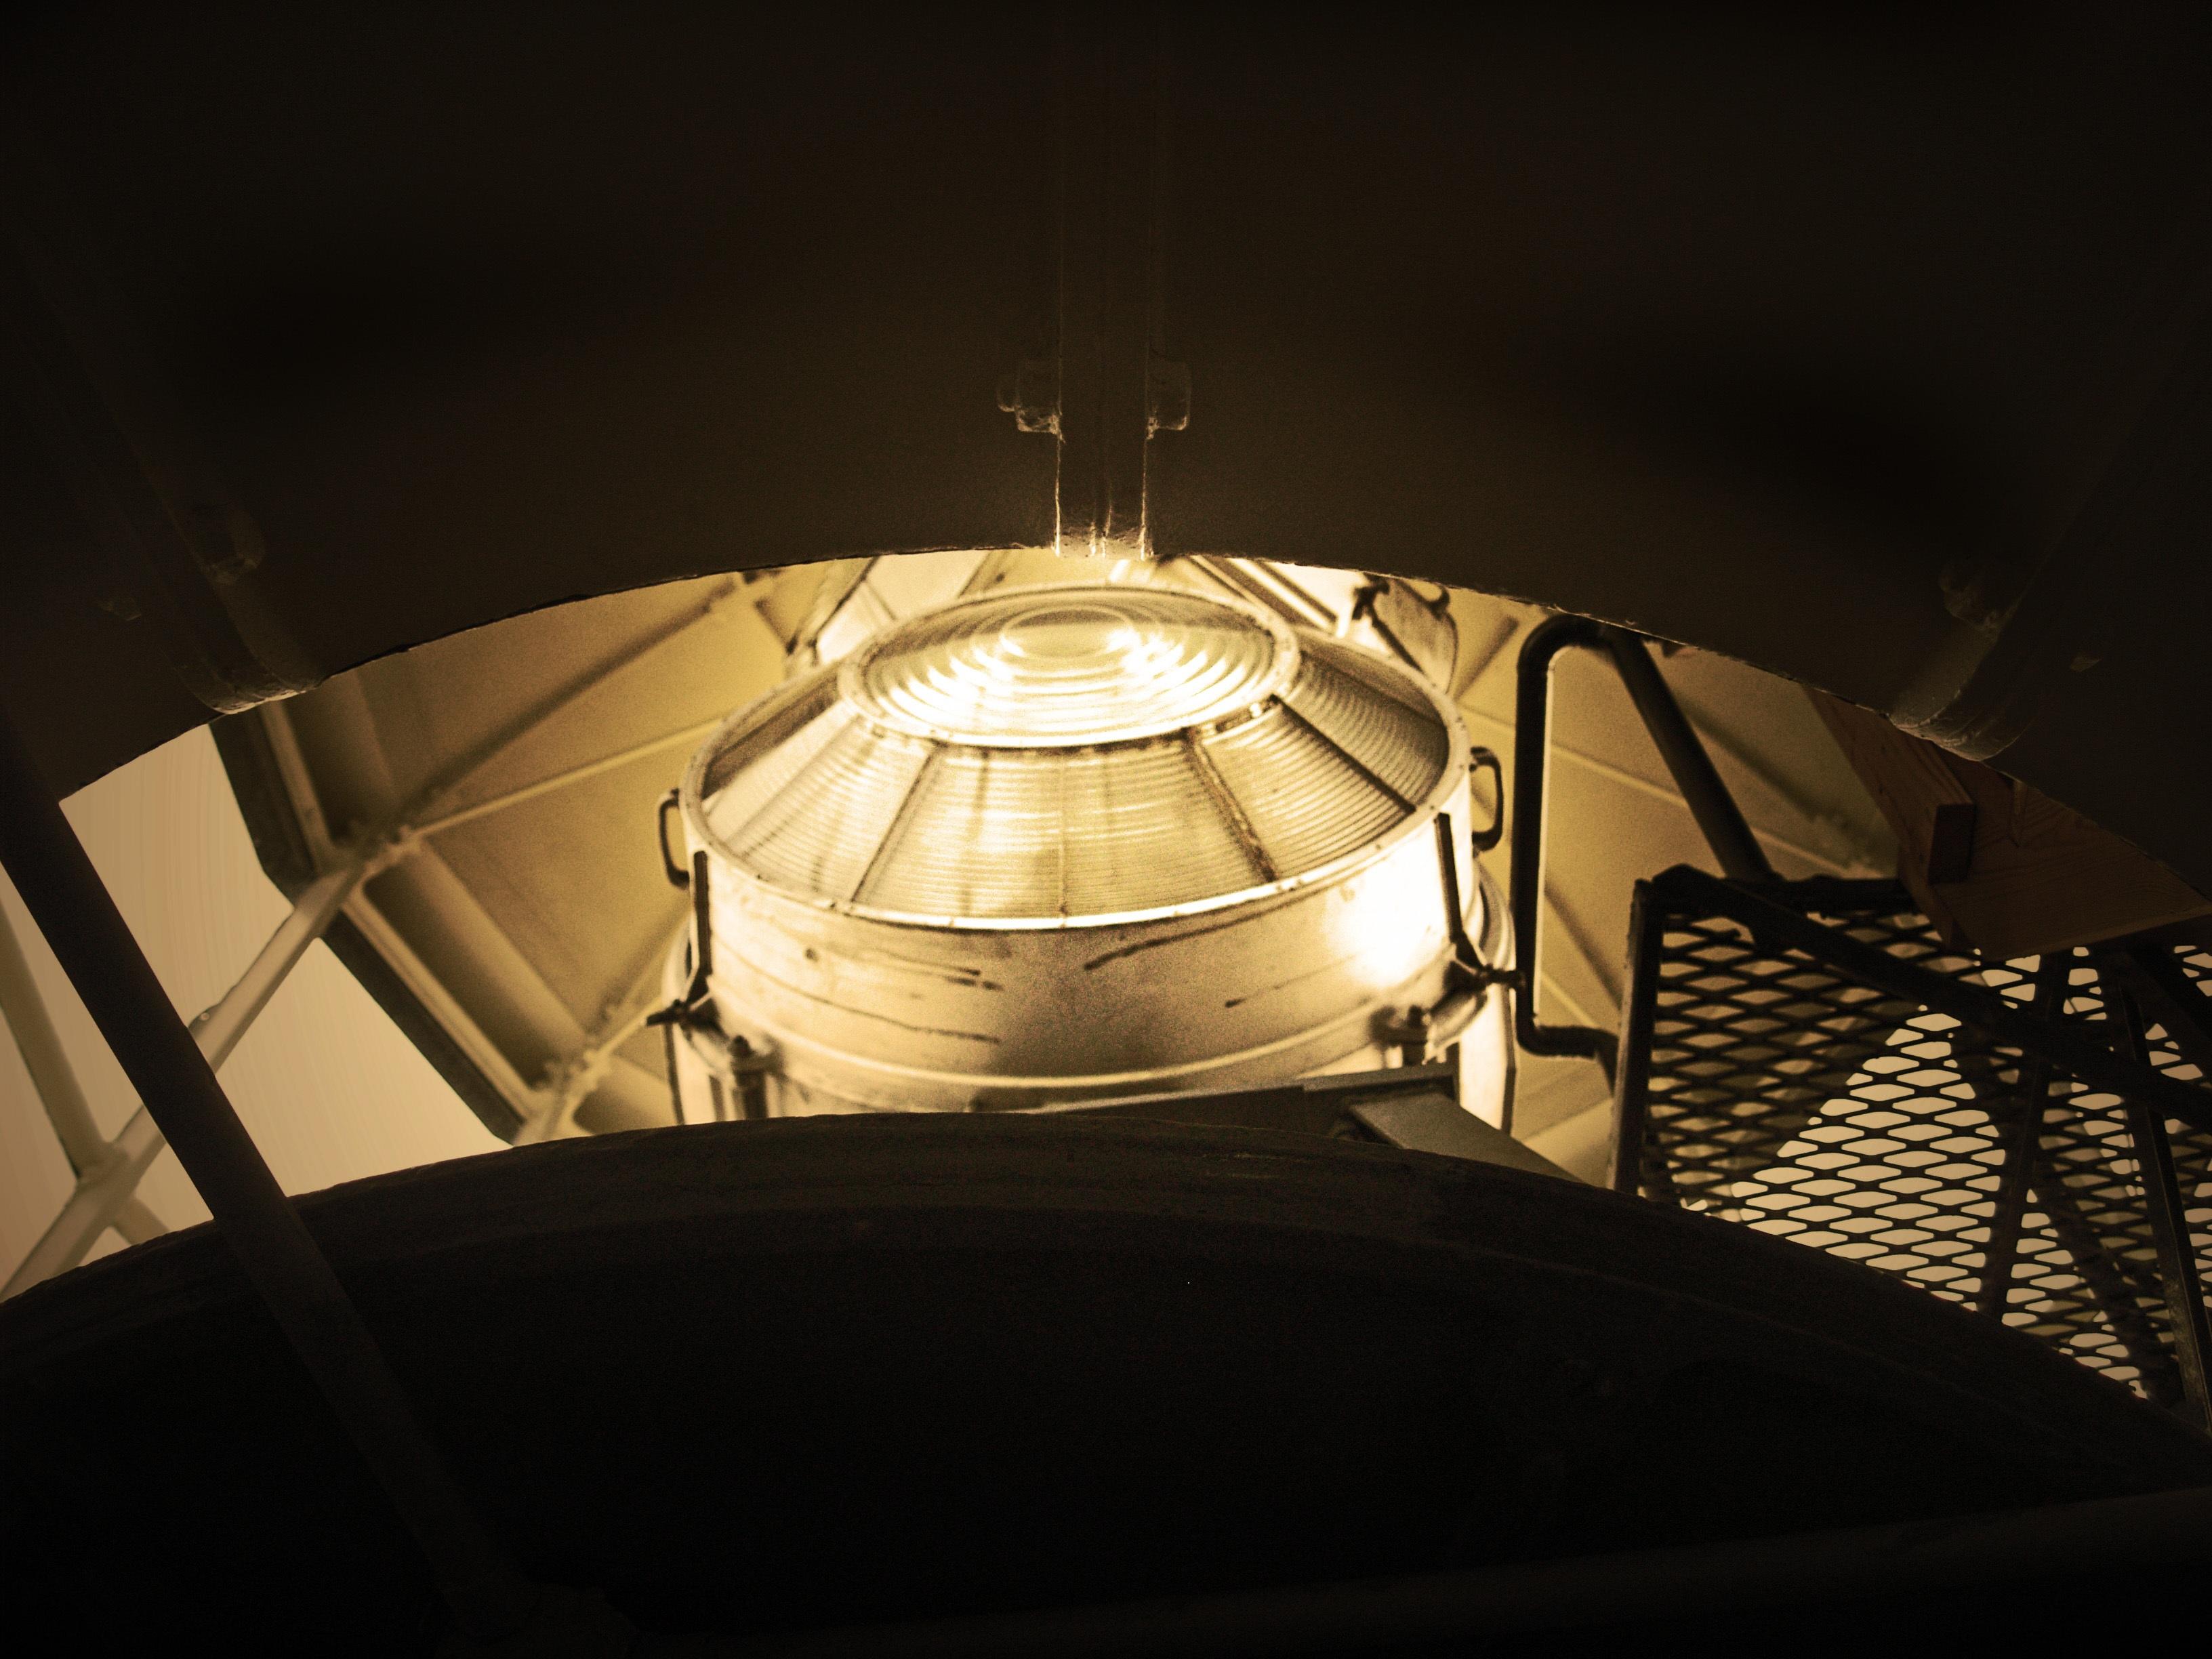 kostenlose foto k ste ozean licht leuchtturm nacht. Black Bedroom Furniture Sets. Home Design Ideas